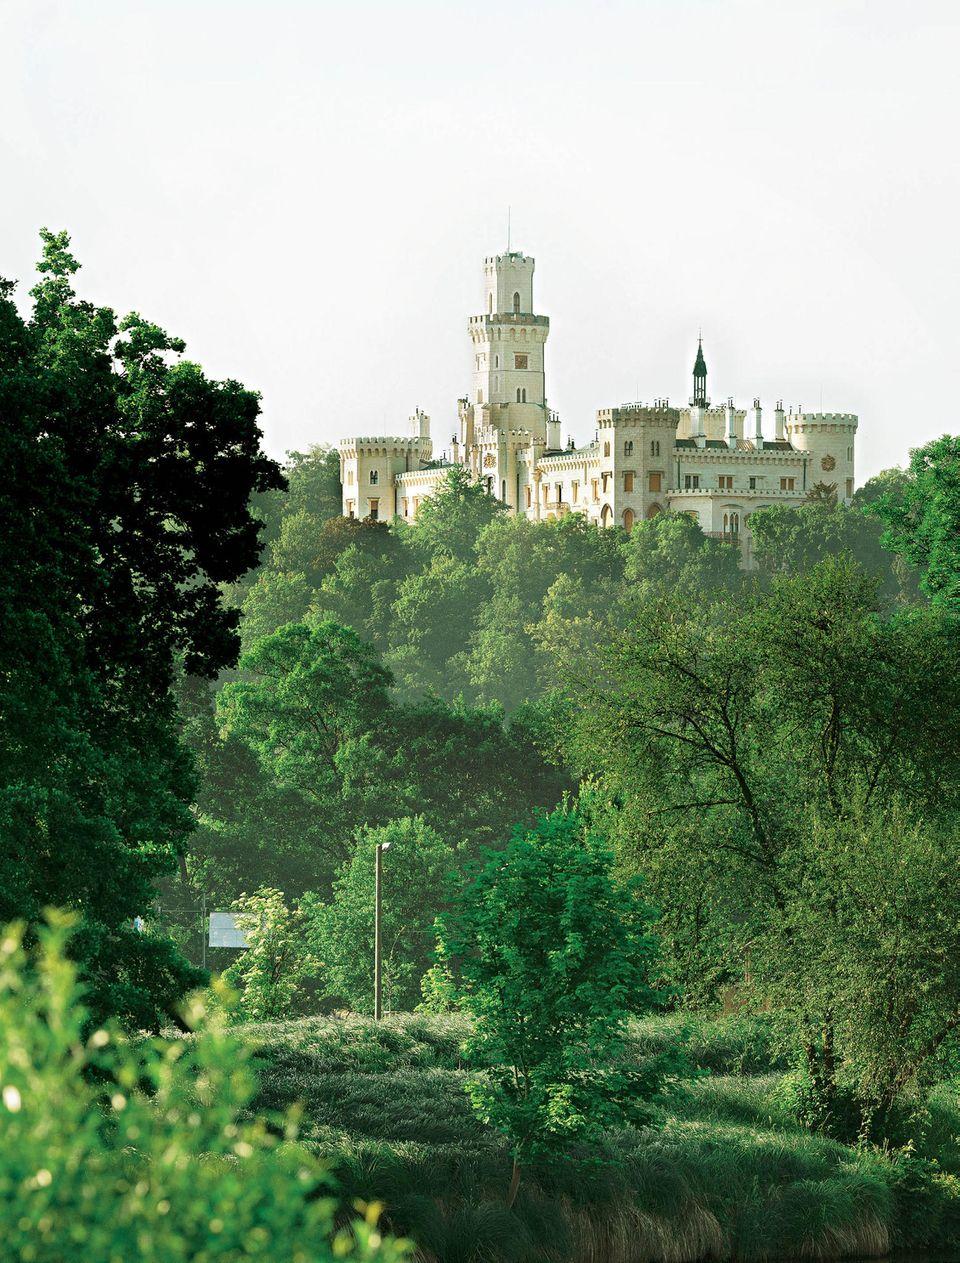 Radeln im Böhmerwald: Schloss Hluboka